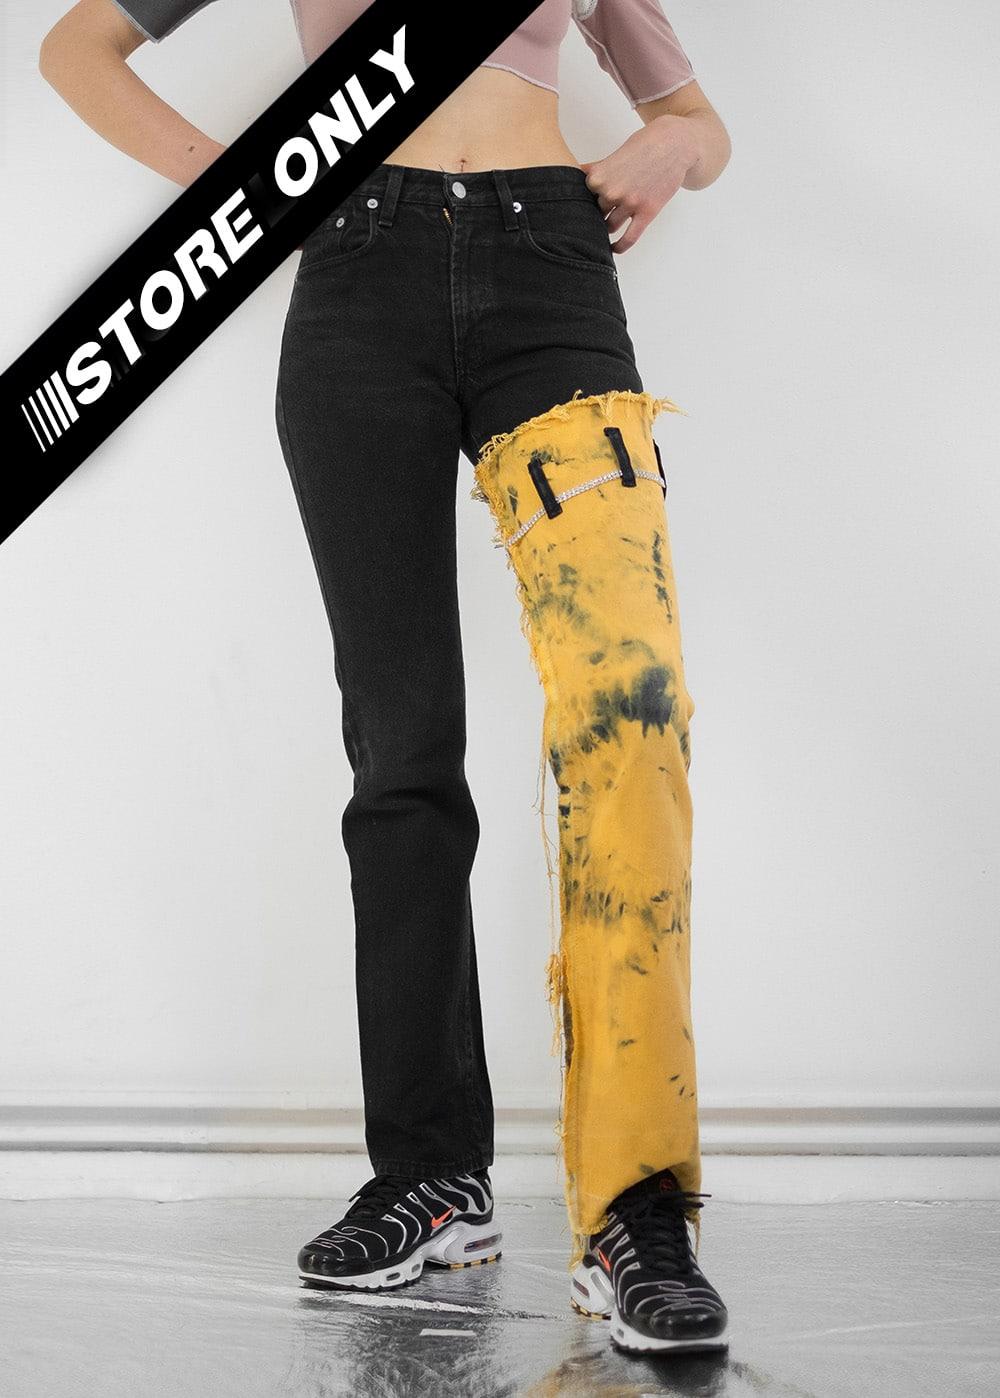 Reworked Tie Dye Jeans 247